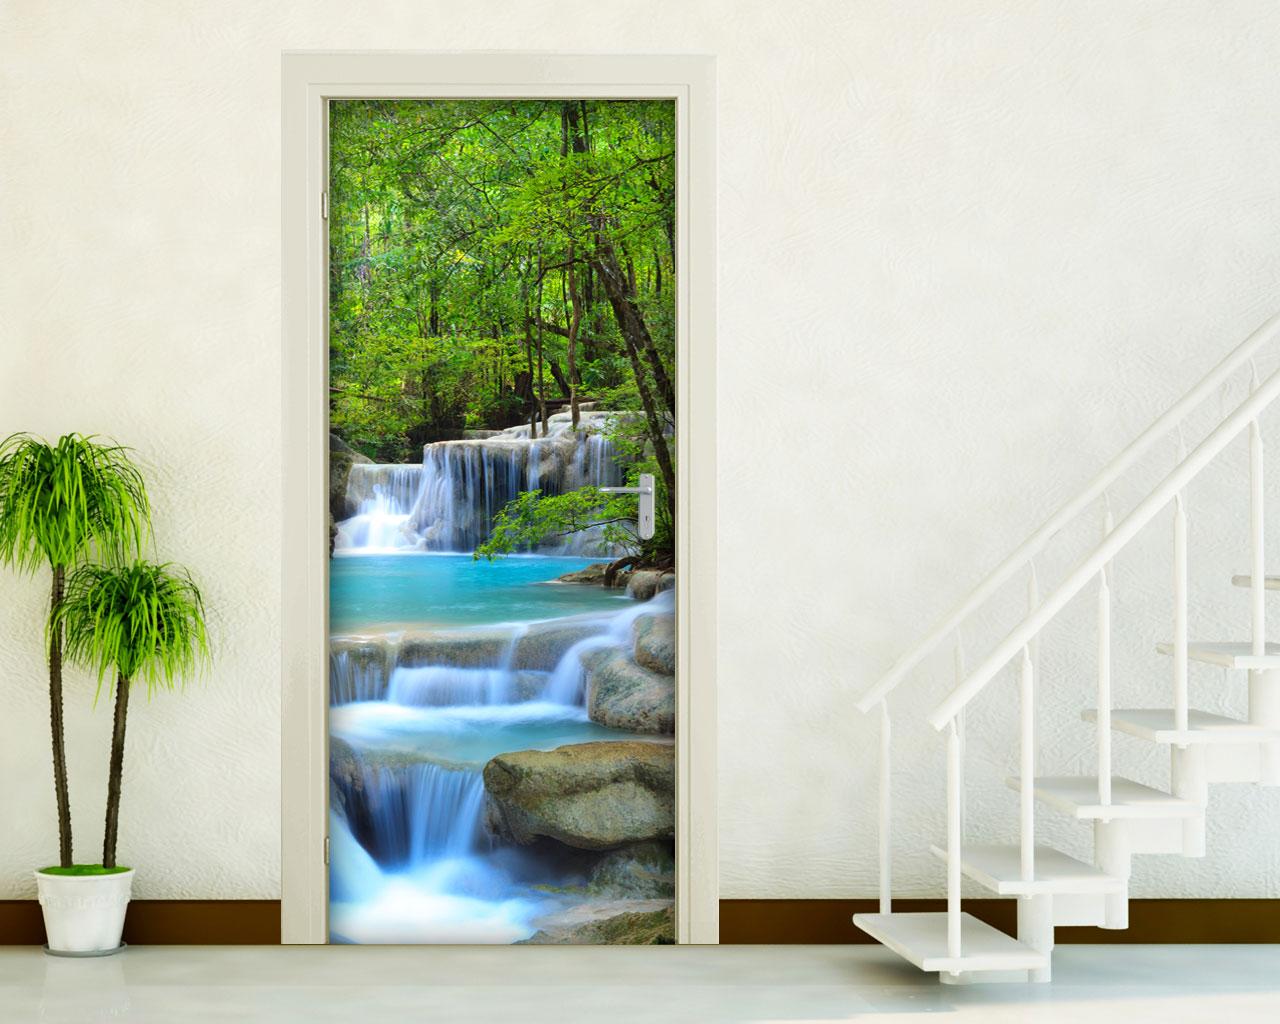 Decorazioni Adesive Porte Interne.Adesivi Per Porte Interni Decori Adesivi Murali Wall